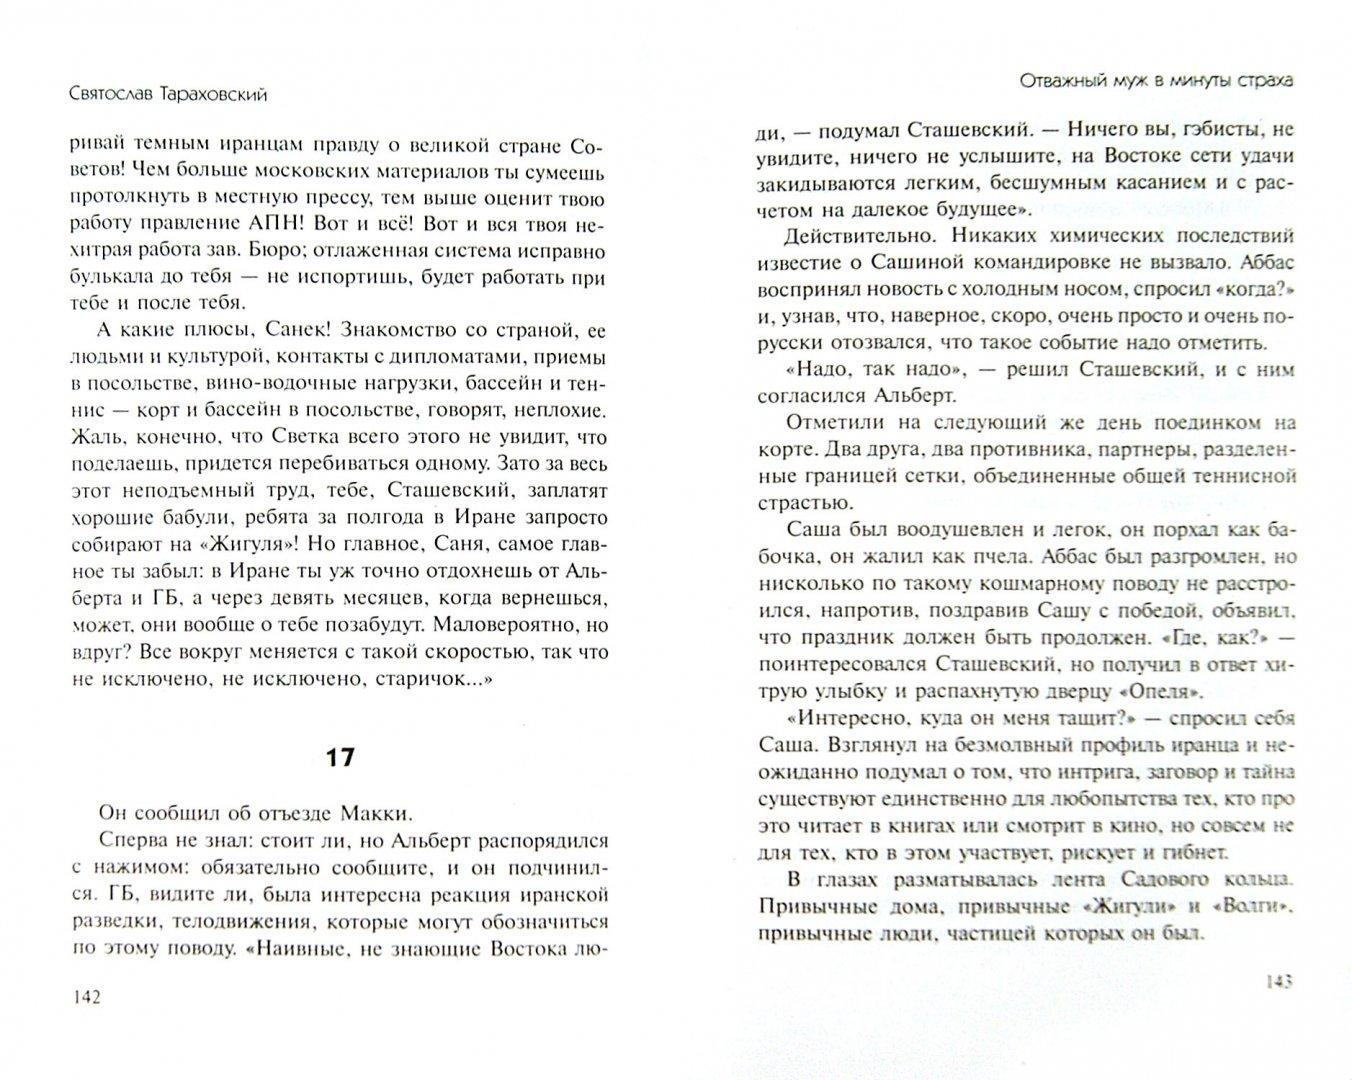 Иллюстрация 1 из 8 для Отважный муж в минуты страха - Святослав Тараховский | Лабиринт - книги. Источник: Лабиринт